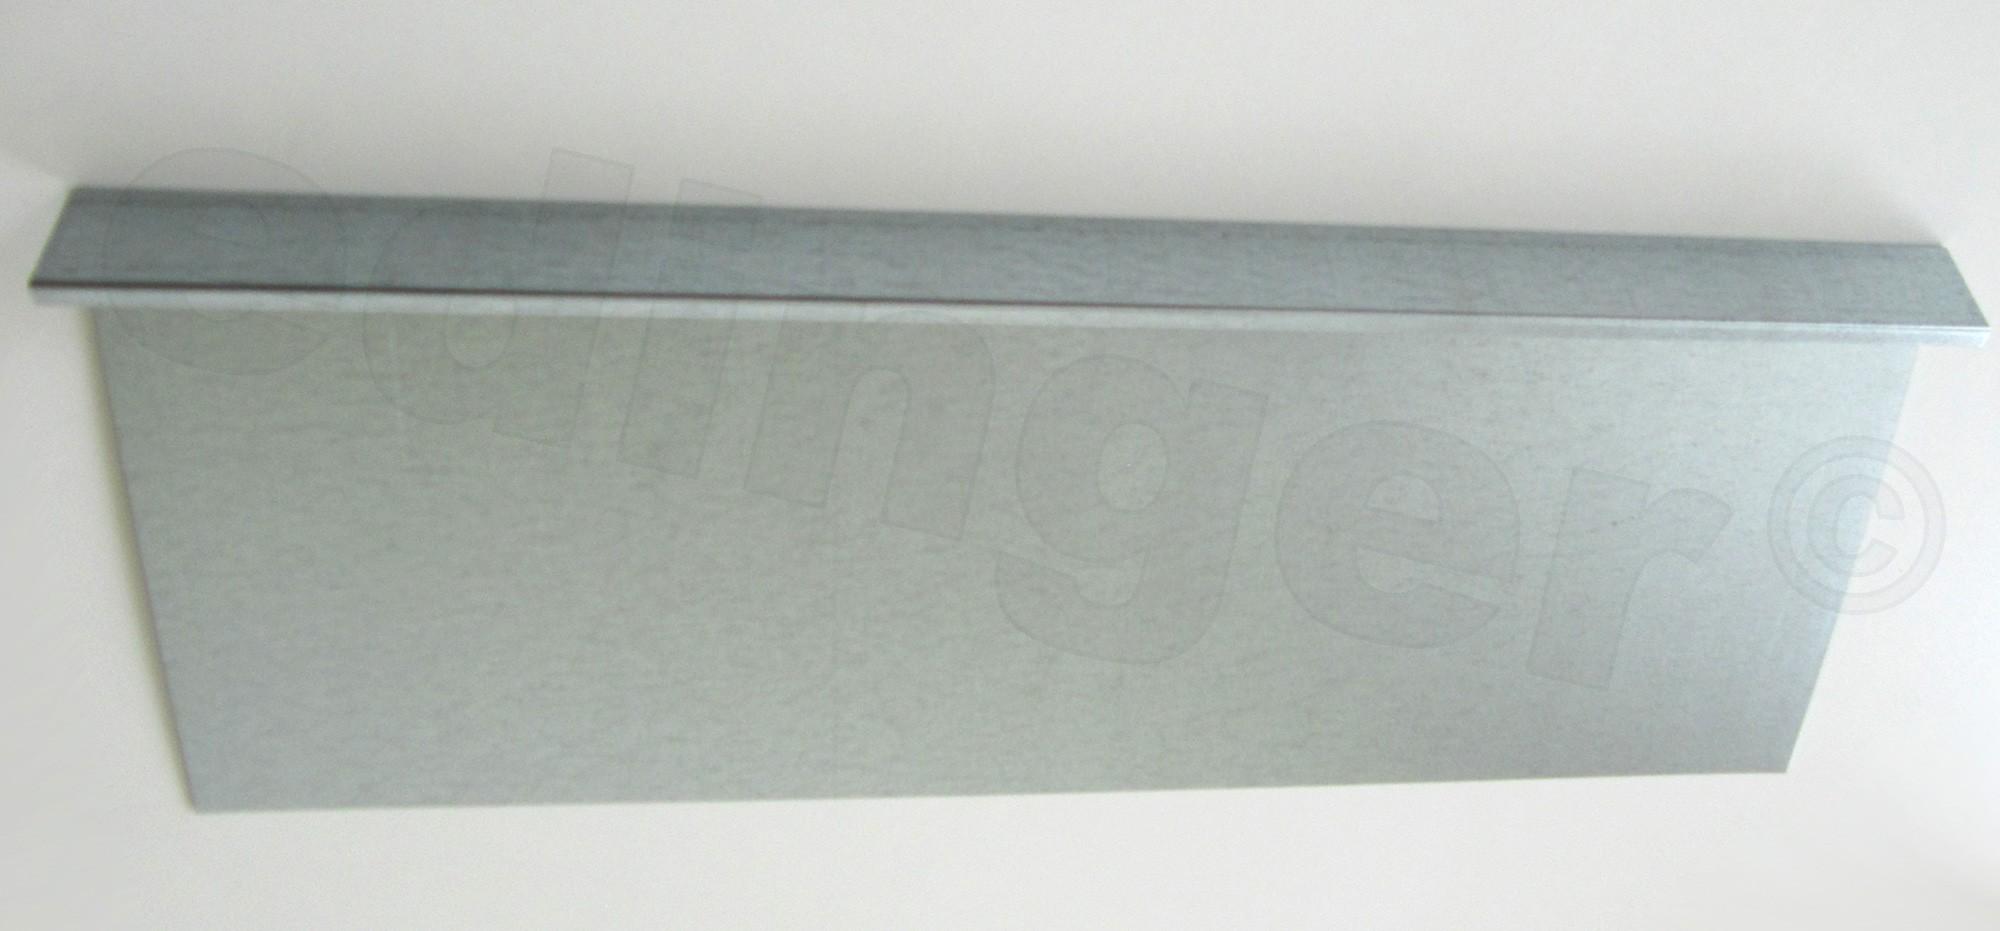 Schneckenzaun / Schneckenblech Metall 50x20cm Bild 1